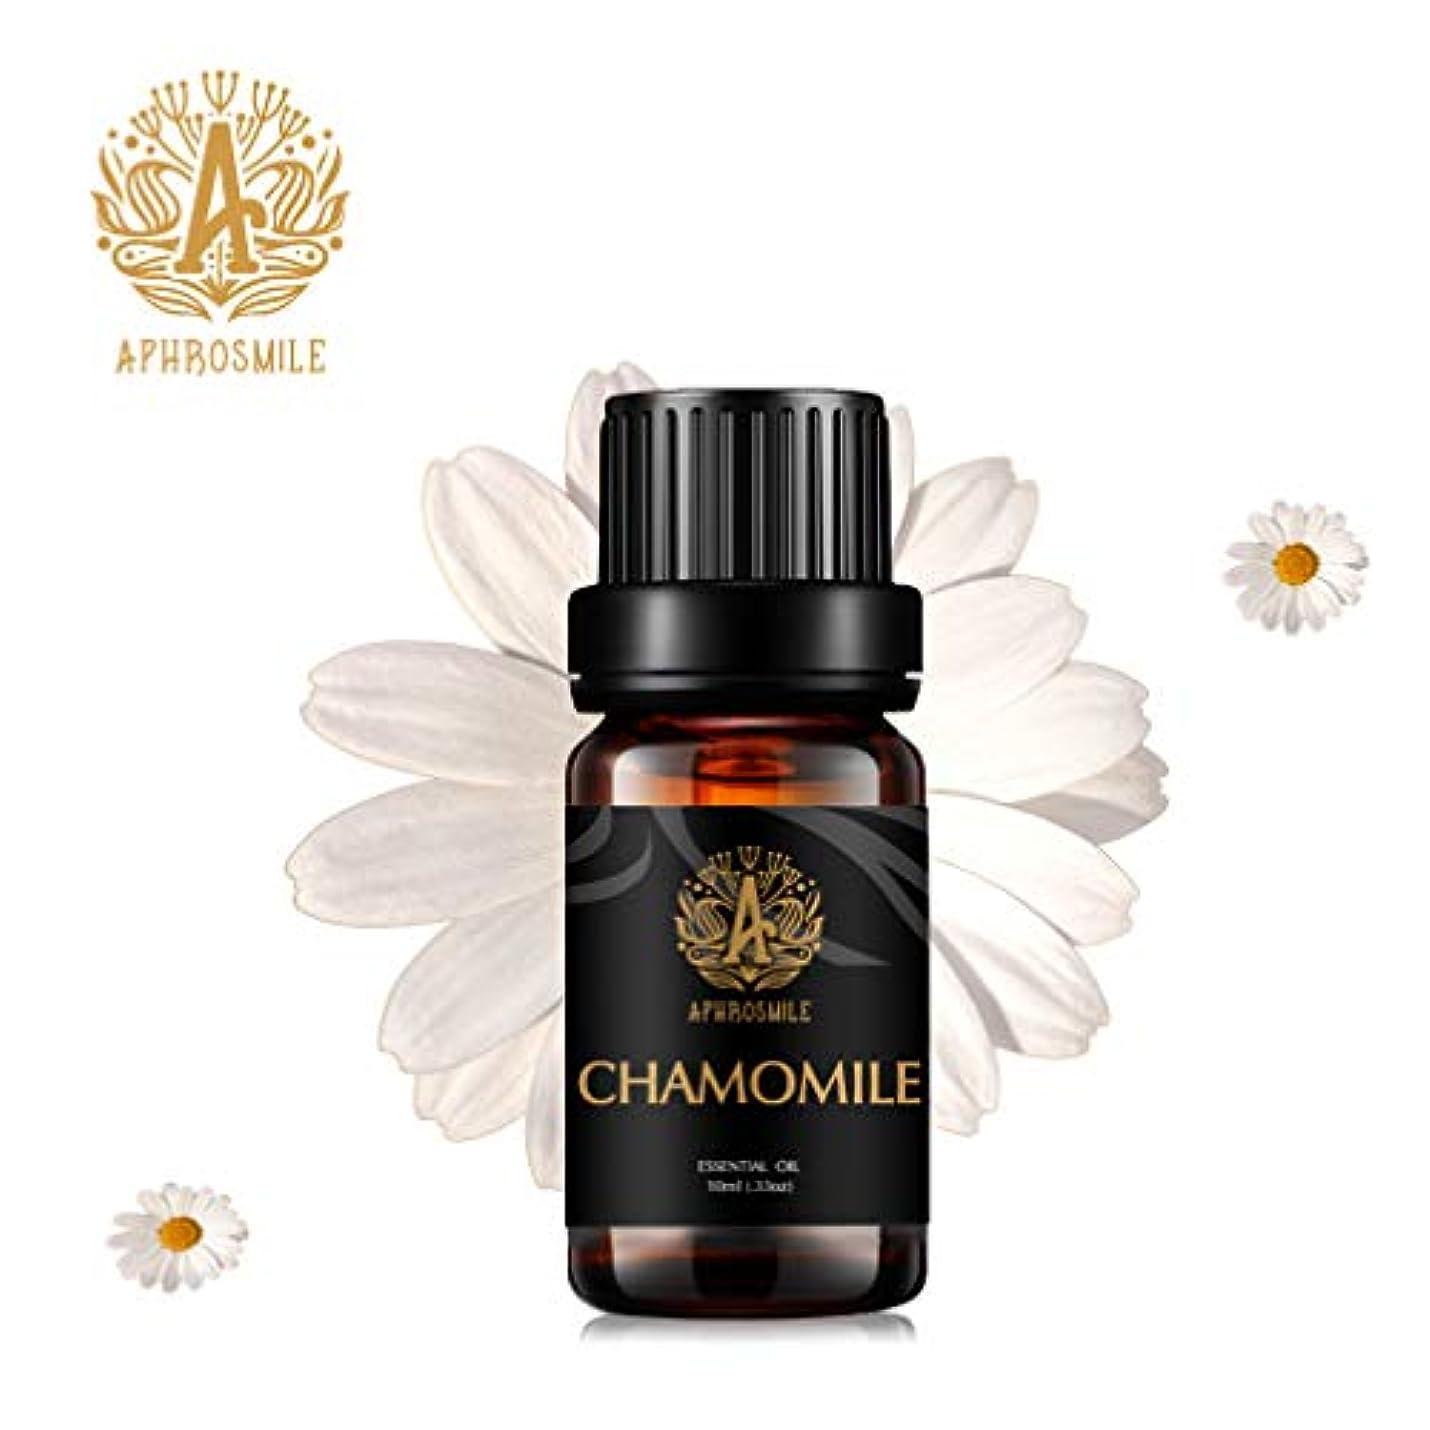 からに変化する商標捨てるカモミールエッセンシャルオイル、100%純粋なアロマセラピーエッセンシャルオイルカモミールの香り、不安を和らげます、治療上の等級の精油のカモミールの芳香のために拡散器、マッサージ、加湿器、毎日の心配、0.33オンス-10ml